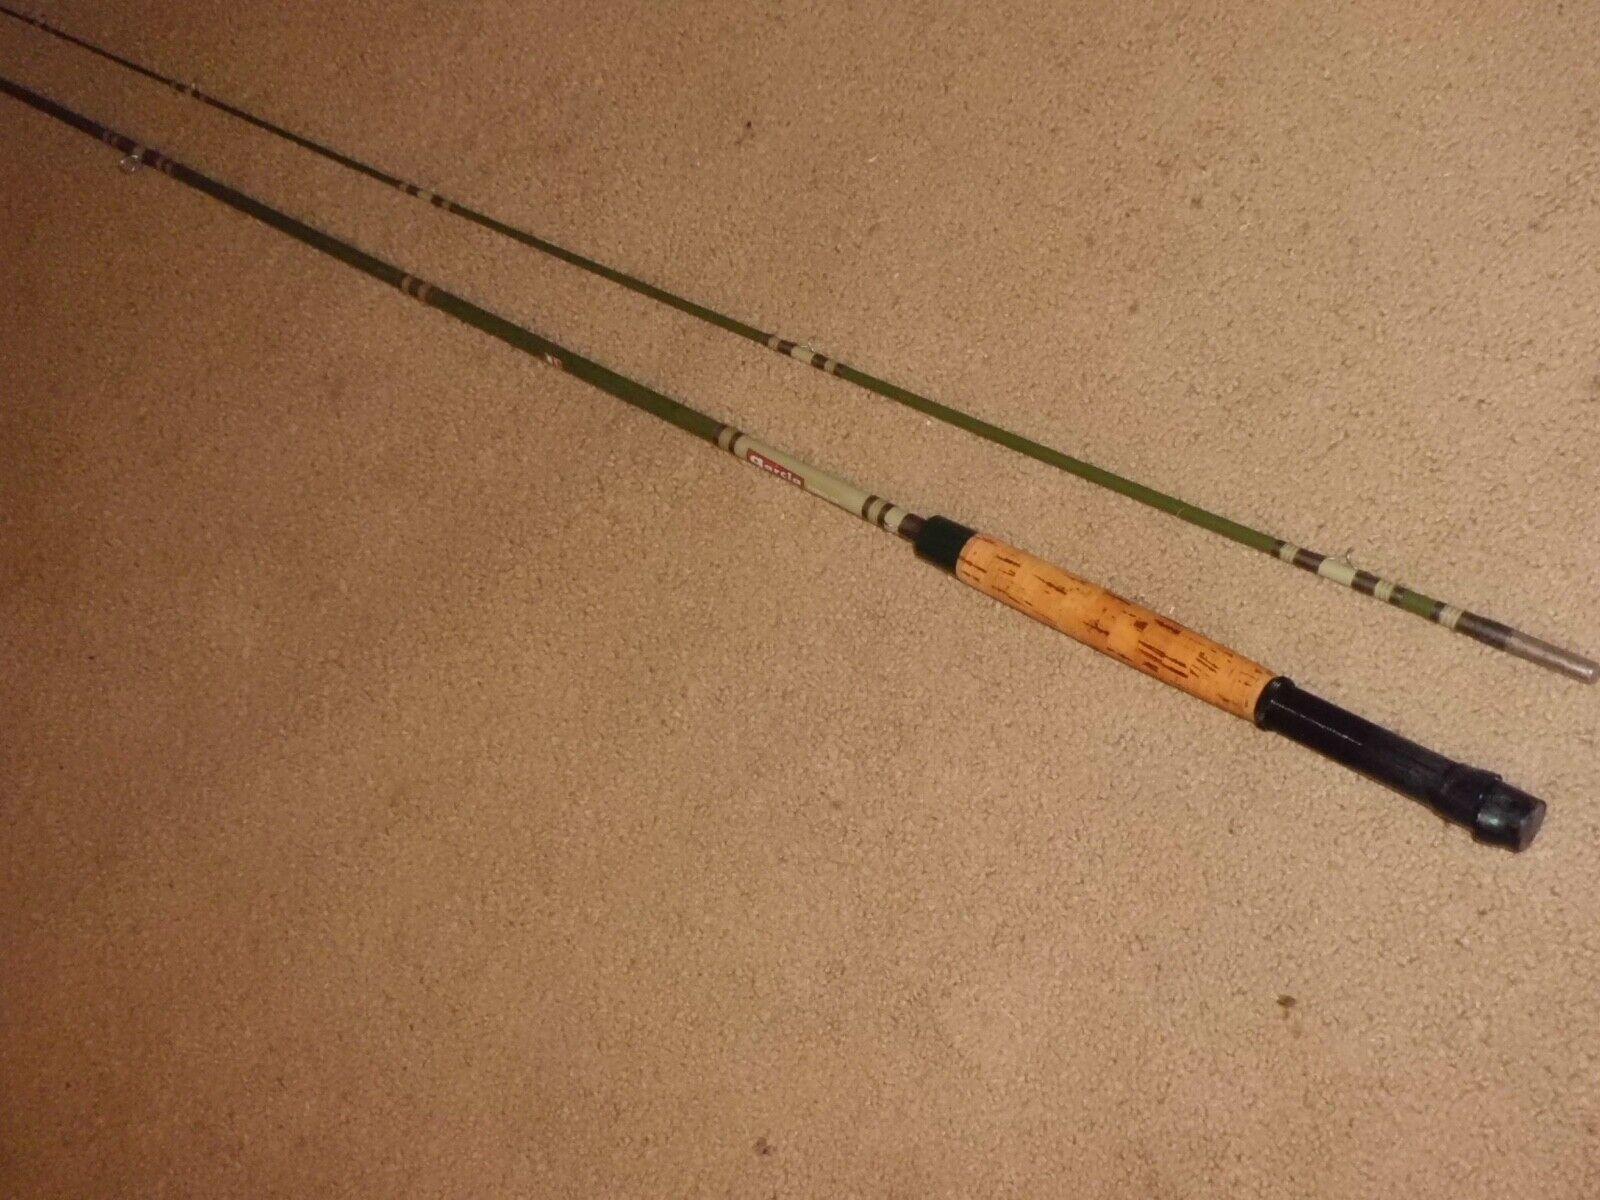 Vintage Garcia Conolon 8237-A acción Fly 8' caña de mosca mosca mosca seca Hecho en EE. UU. - 6-7 línea 5e7067